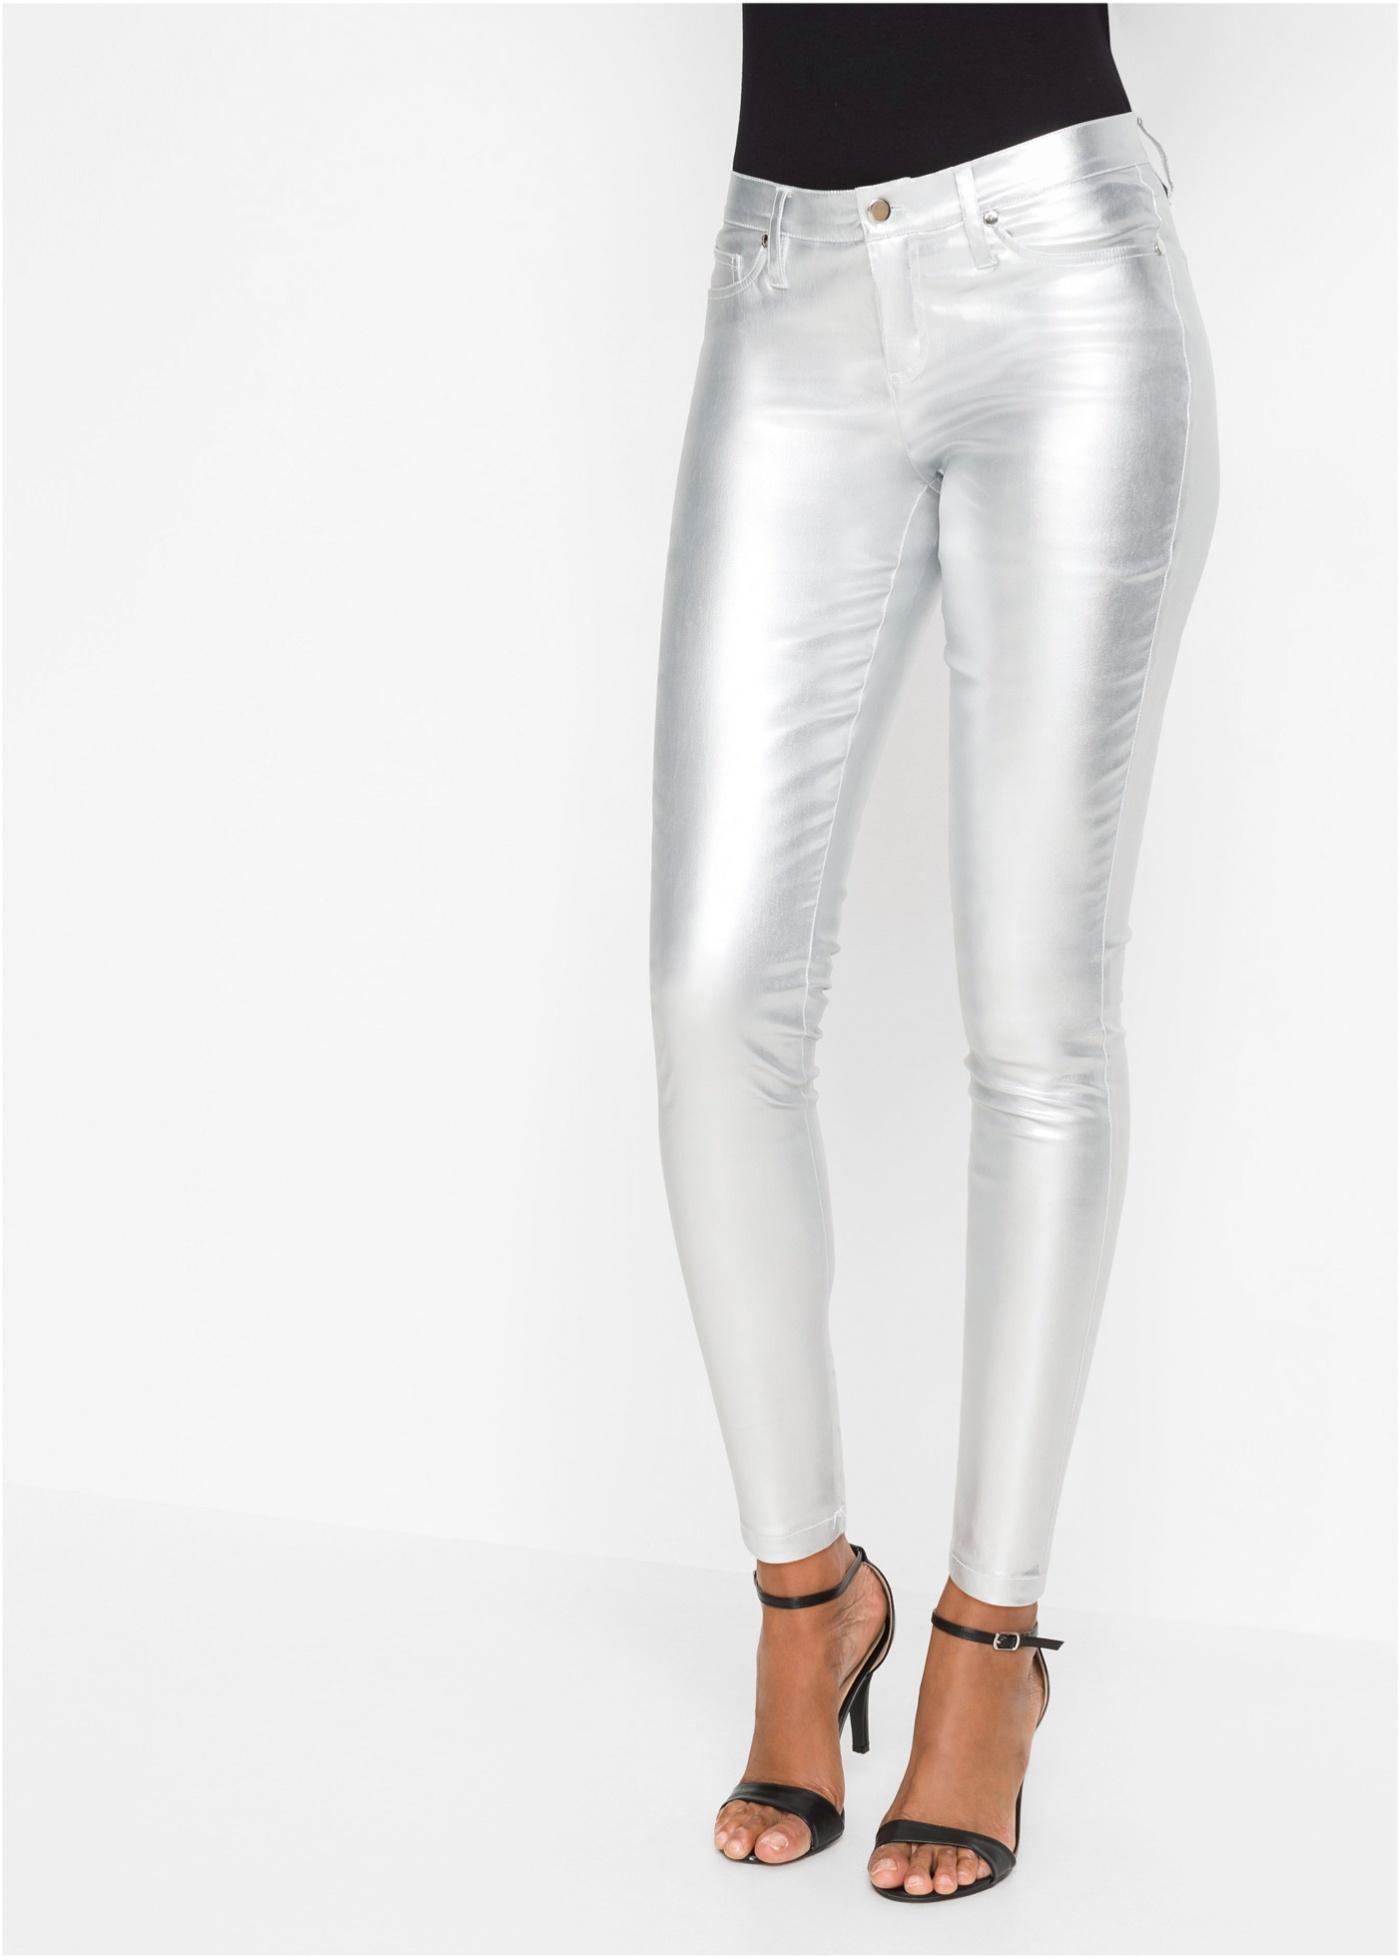 Lesklé kalhoty Skinny - Šedá